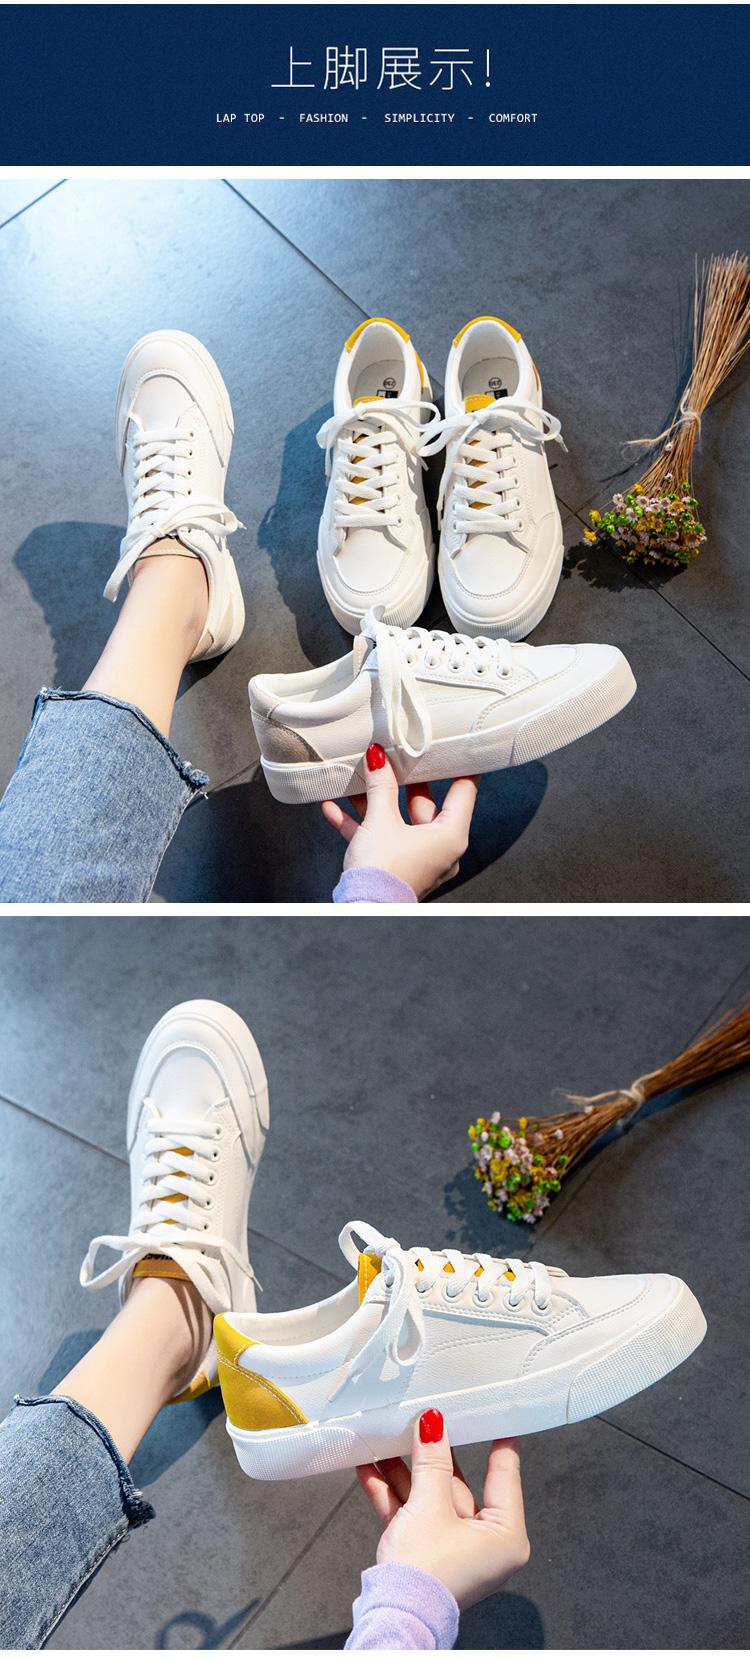 夏季薄款新款爆款小白鞋女鞋子年春秋平底百搭潮板鞋详细照片